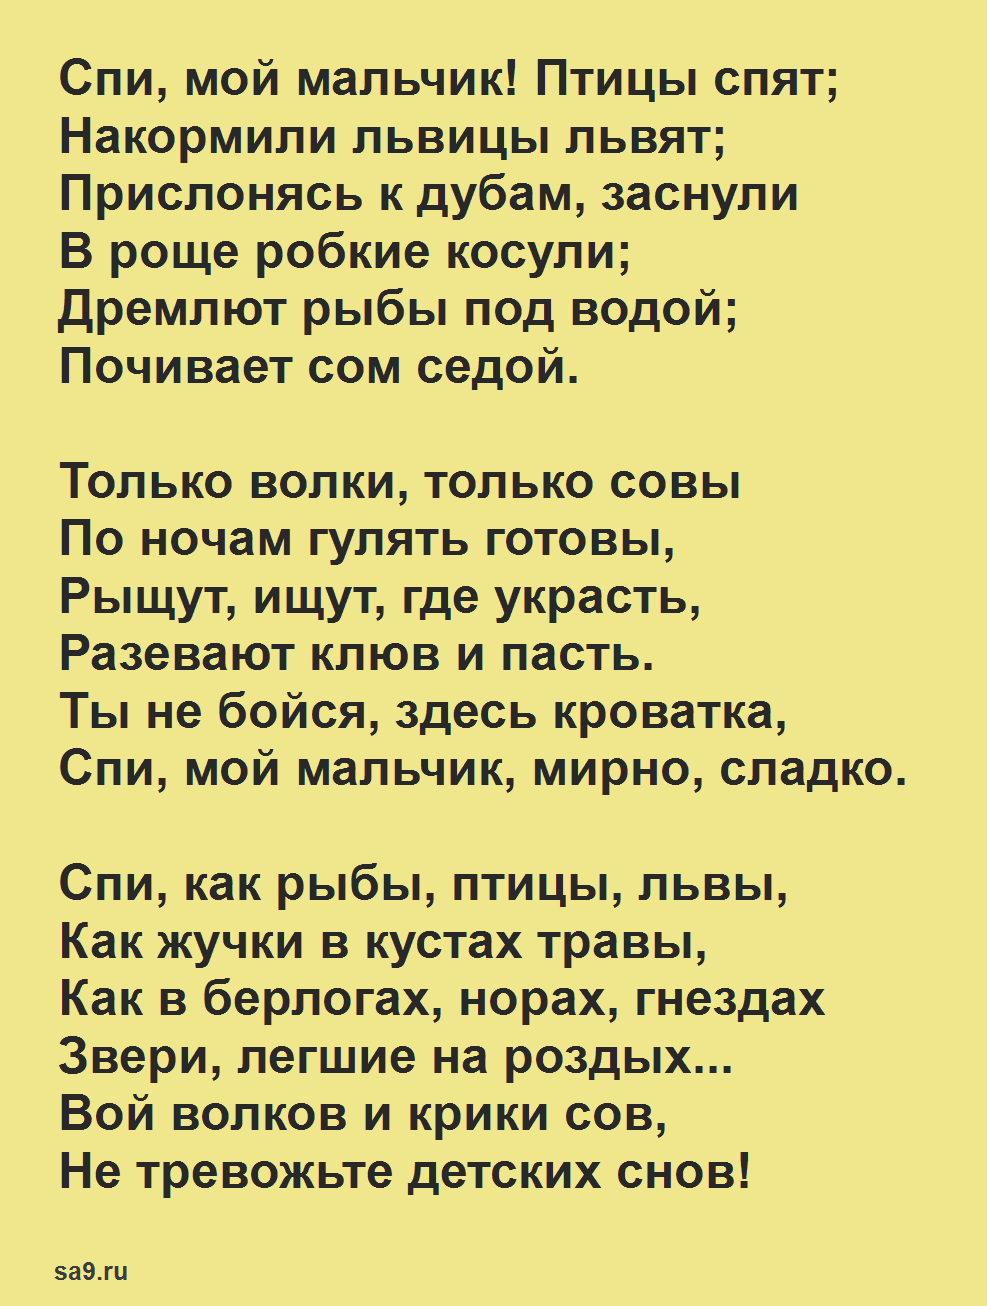 Короткие стихи Брюсова - Колыбельная